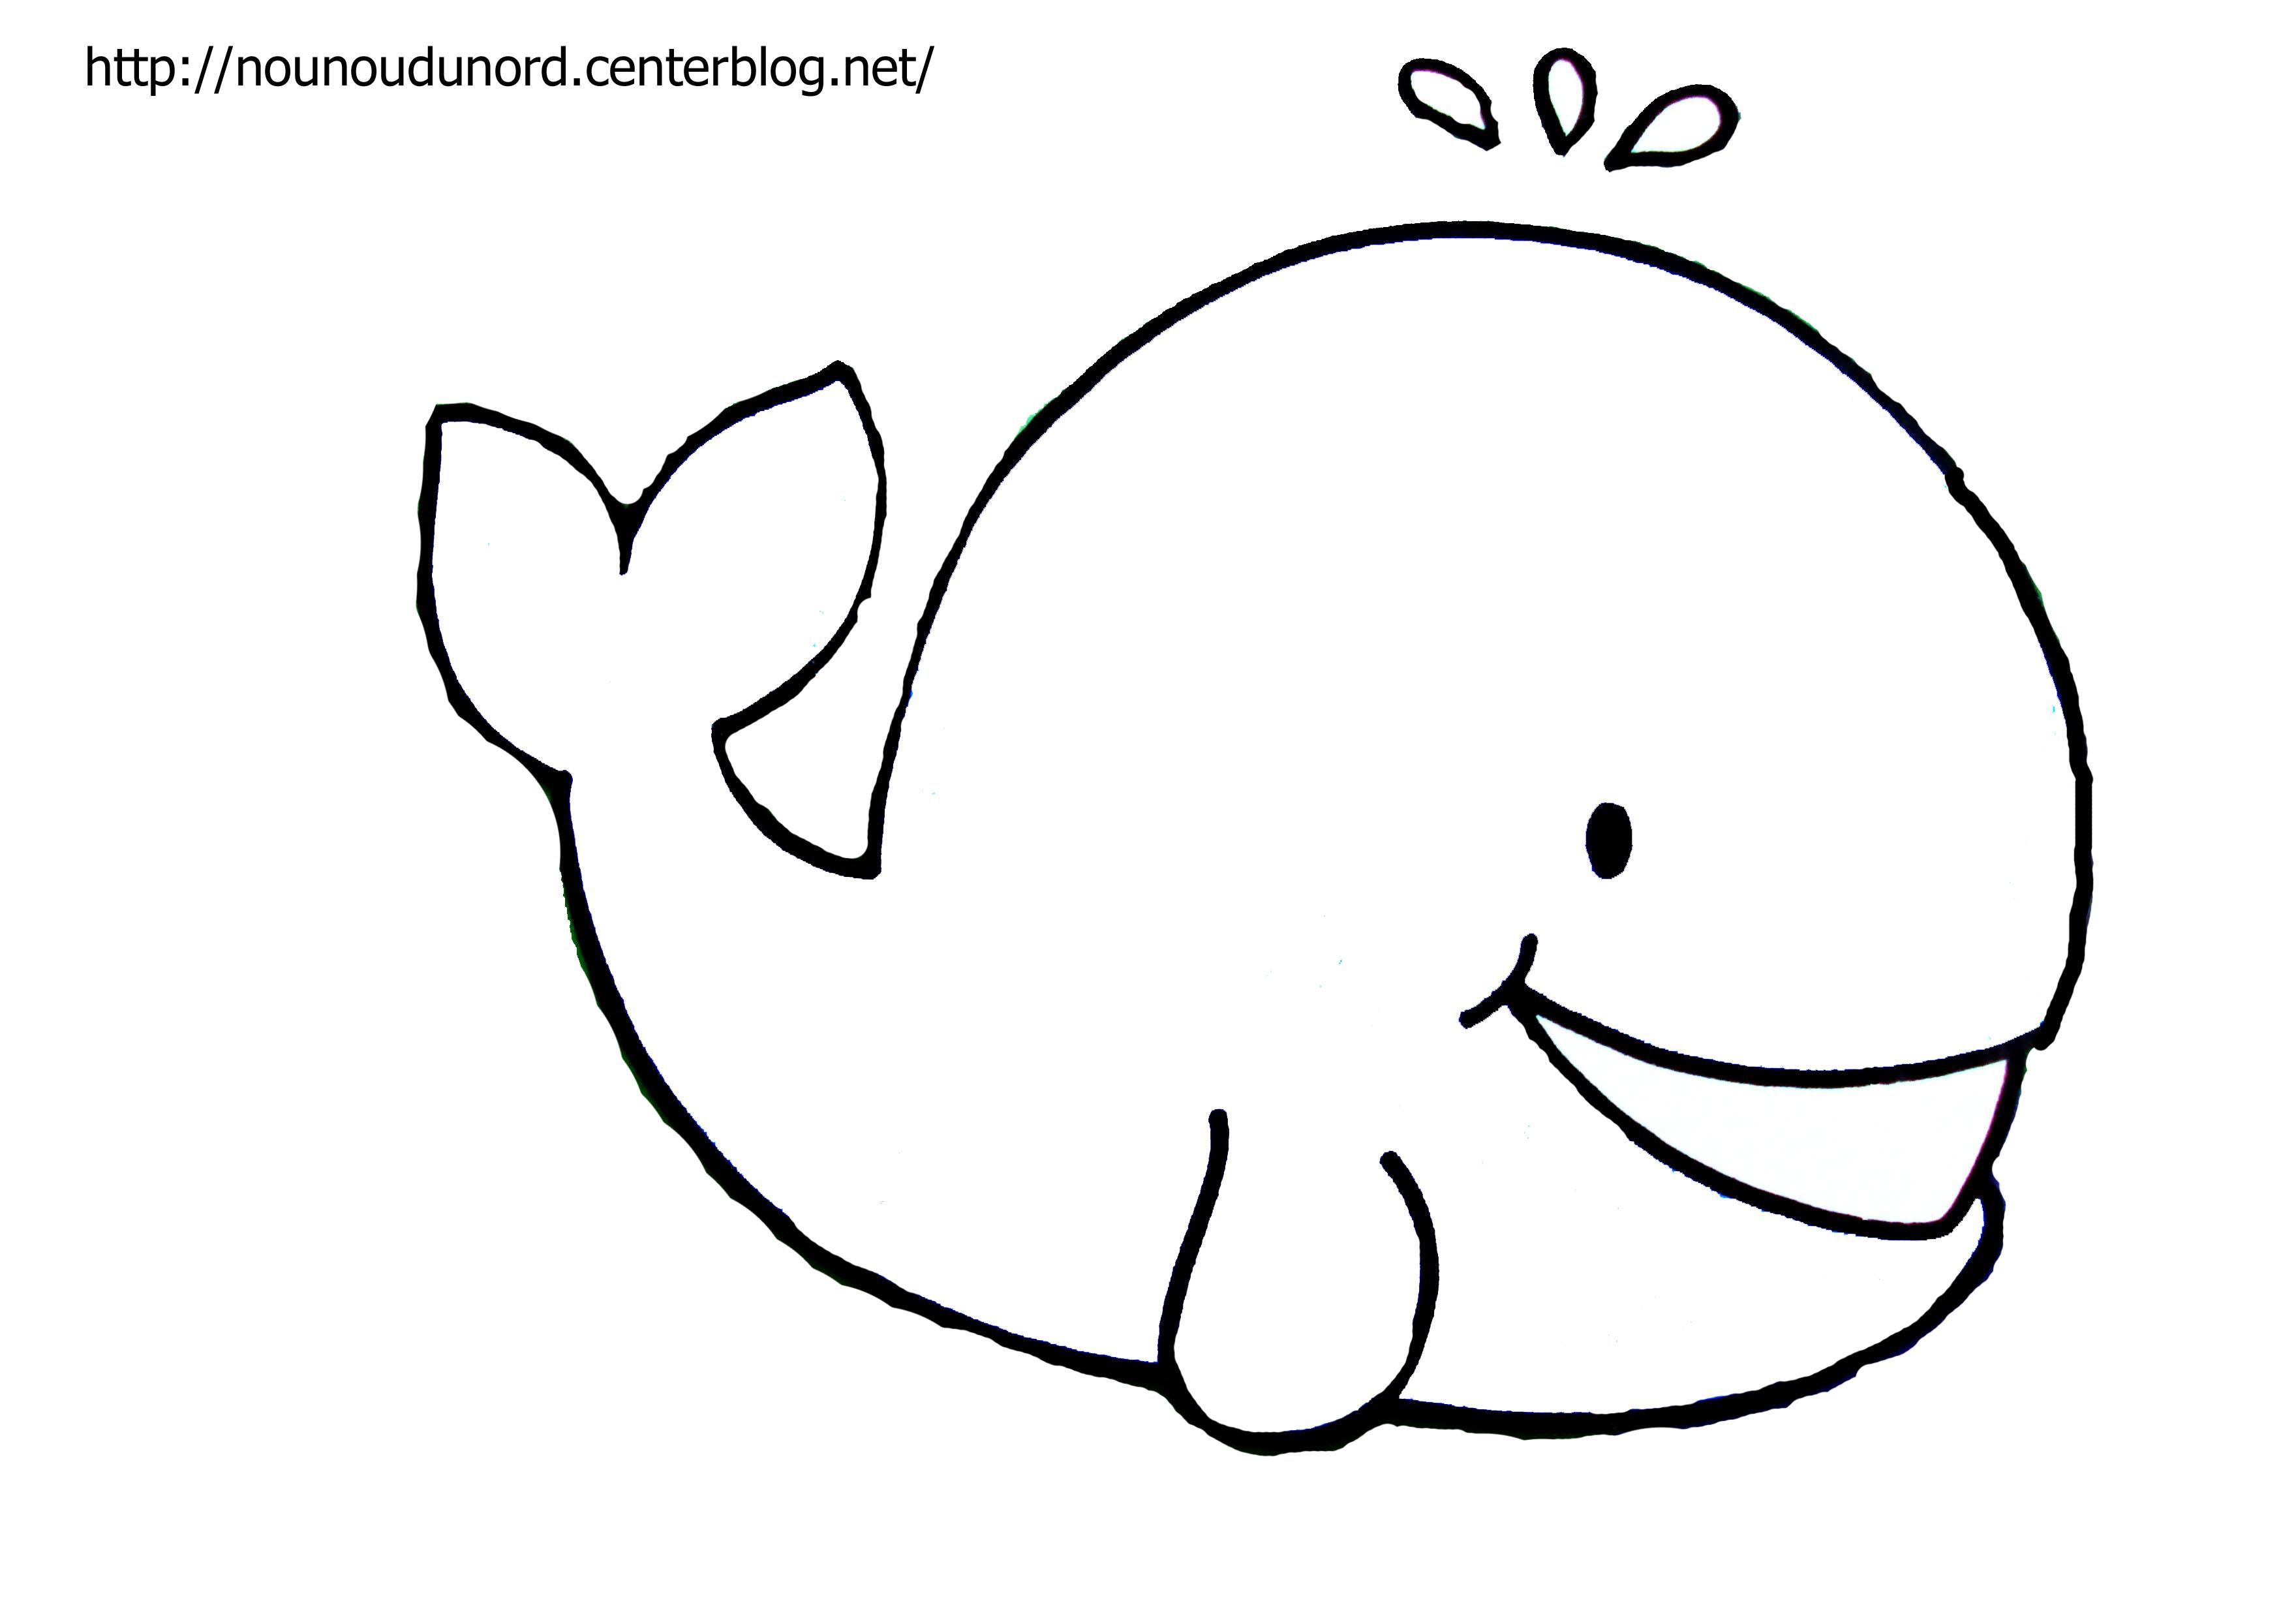 Dessin gratuit de baleine à imprimer